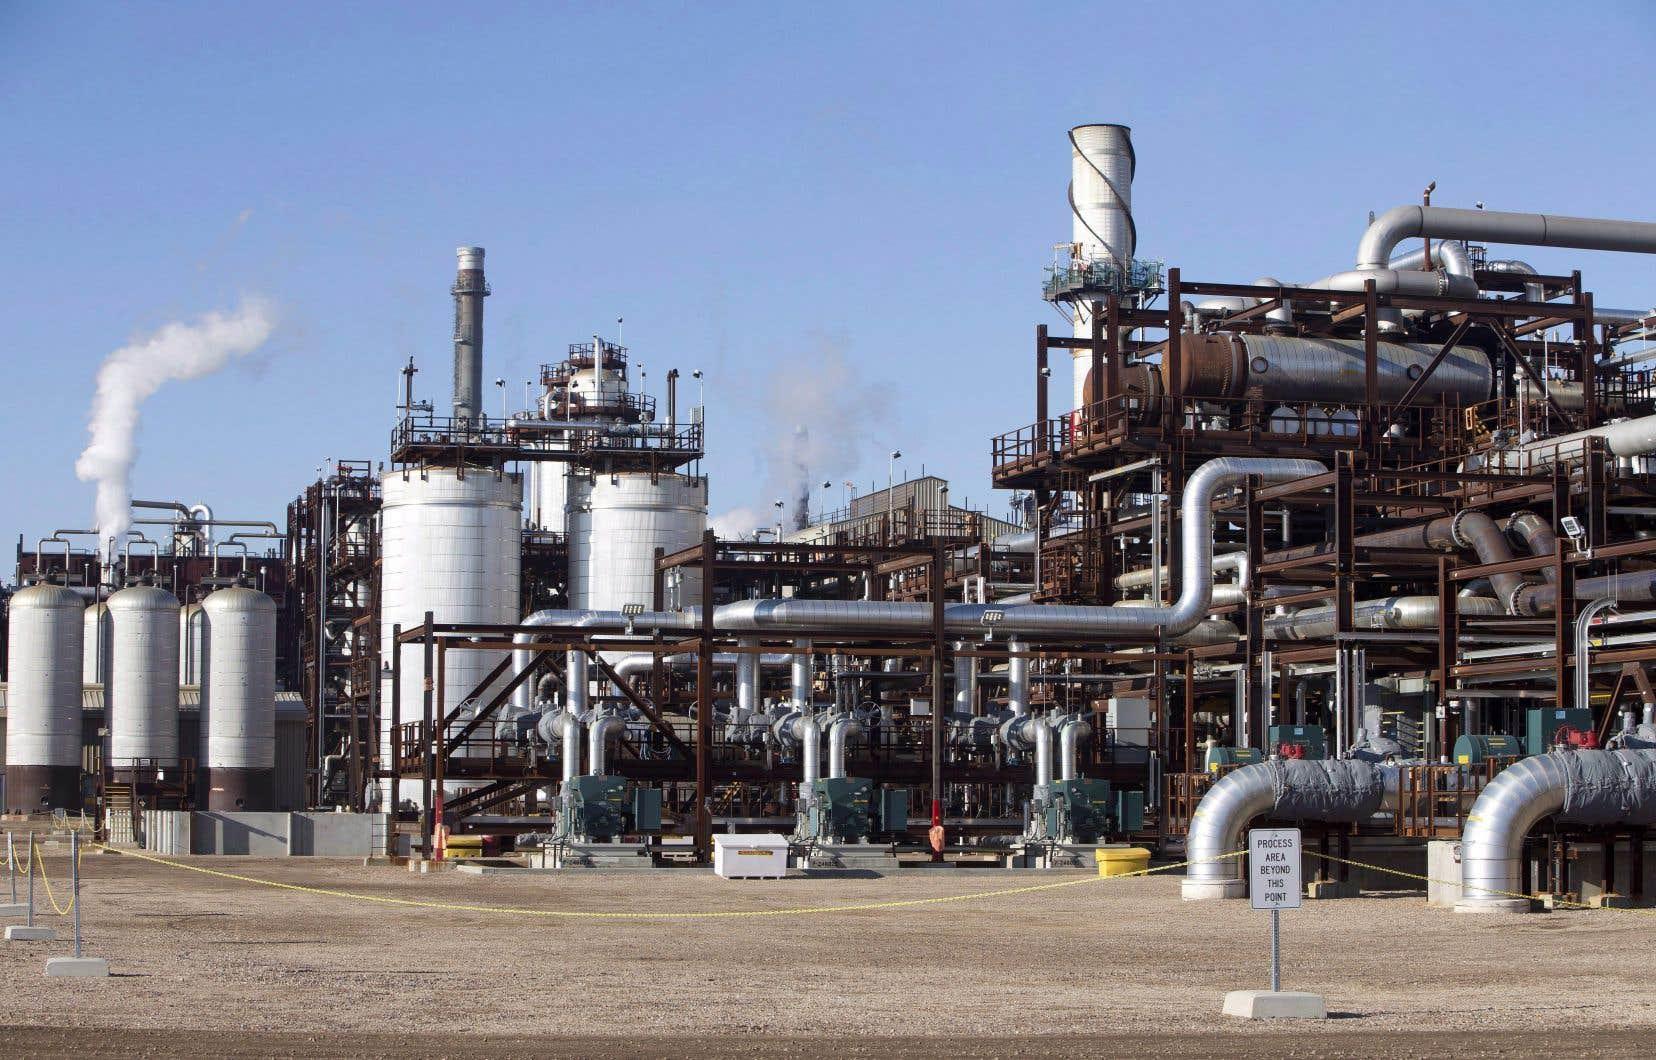 Selon une étude, une taxe carbone à 50$ la tonne — ce que le gouvernement Trudeau vise pour 2022 — aurait pour effet de réduire le produit intérieur brut de la Saskatchewan de 2,4%.